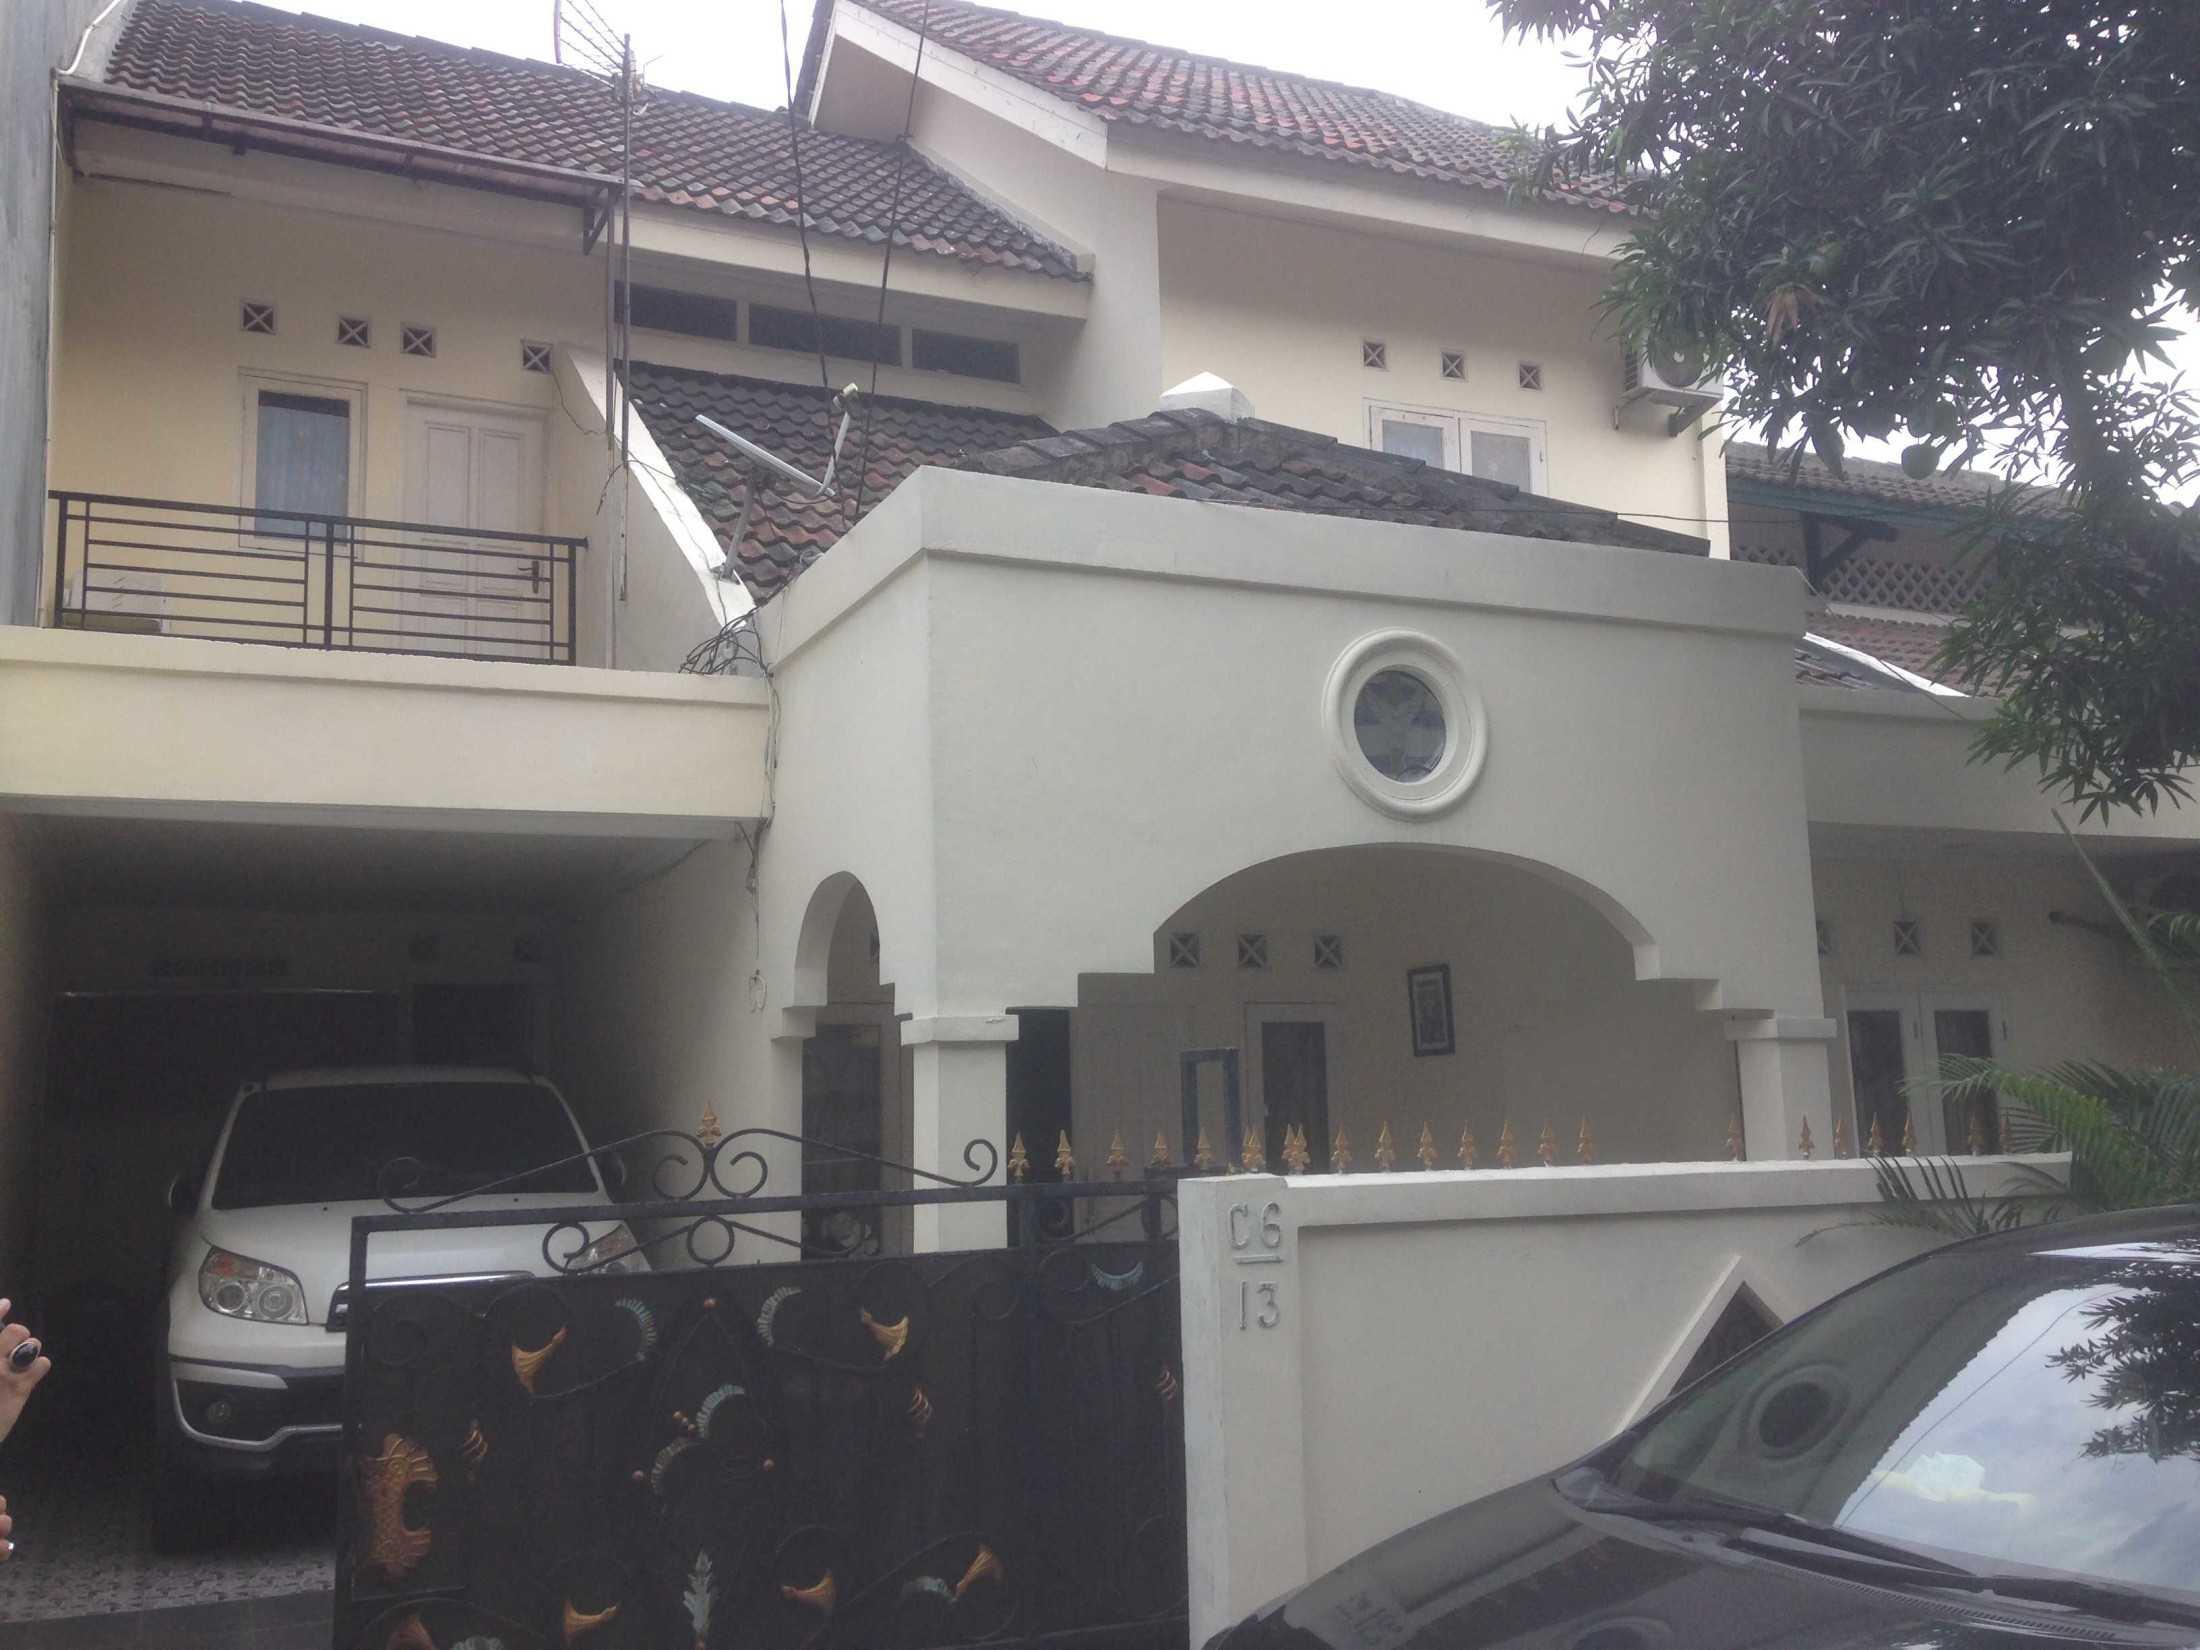 Limasaka Studio Madja House Kota Tangerang Selatan, Banten, Indonesia Kota Tangerang Selatan, Banten, Indonesia Limasaka-Studio-Madja-House  62462